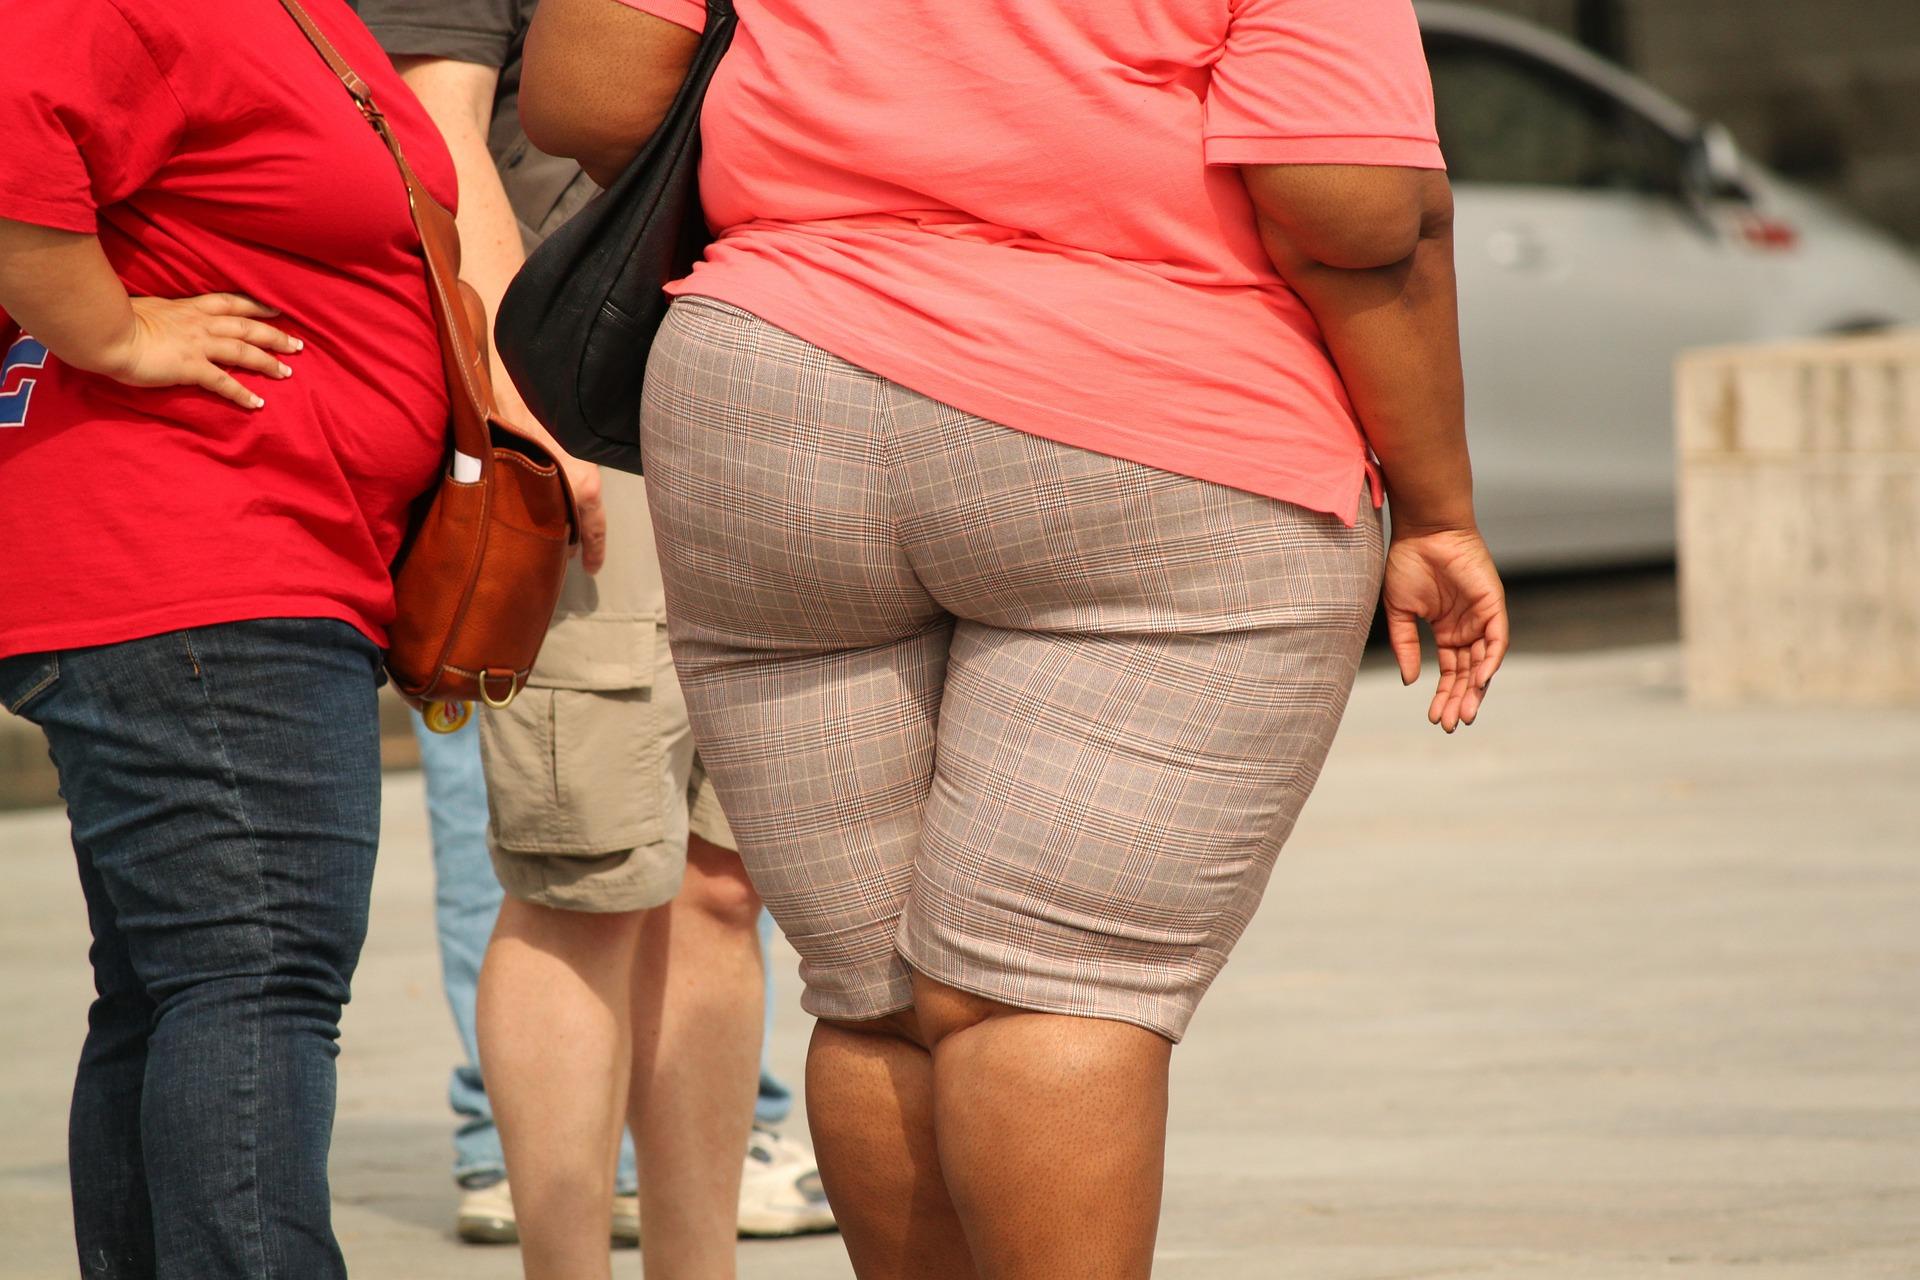 肥胖可能是营养不良(pixabay)